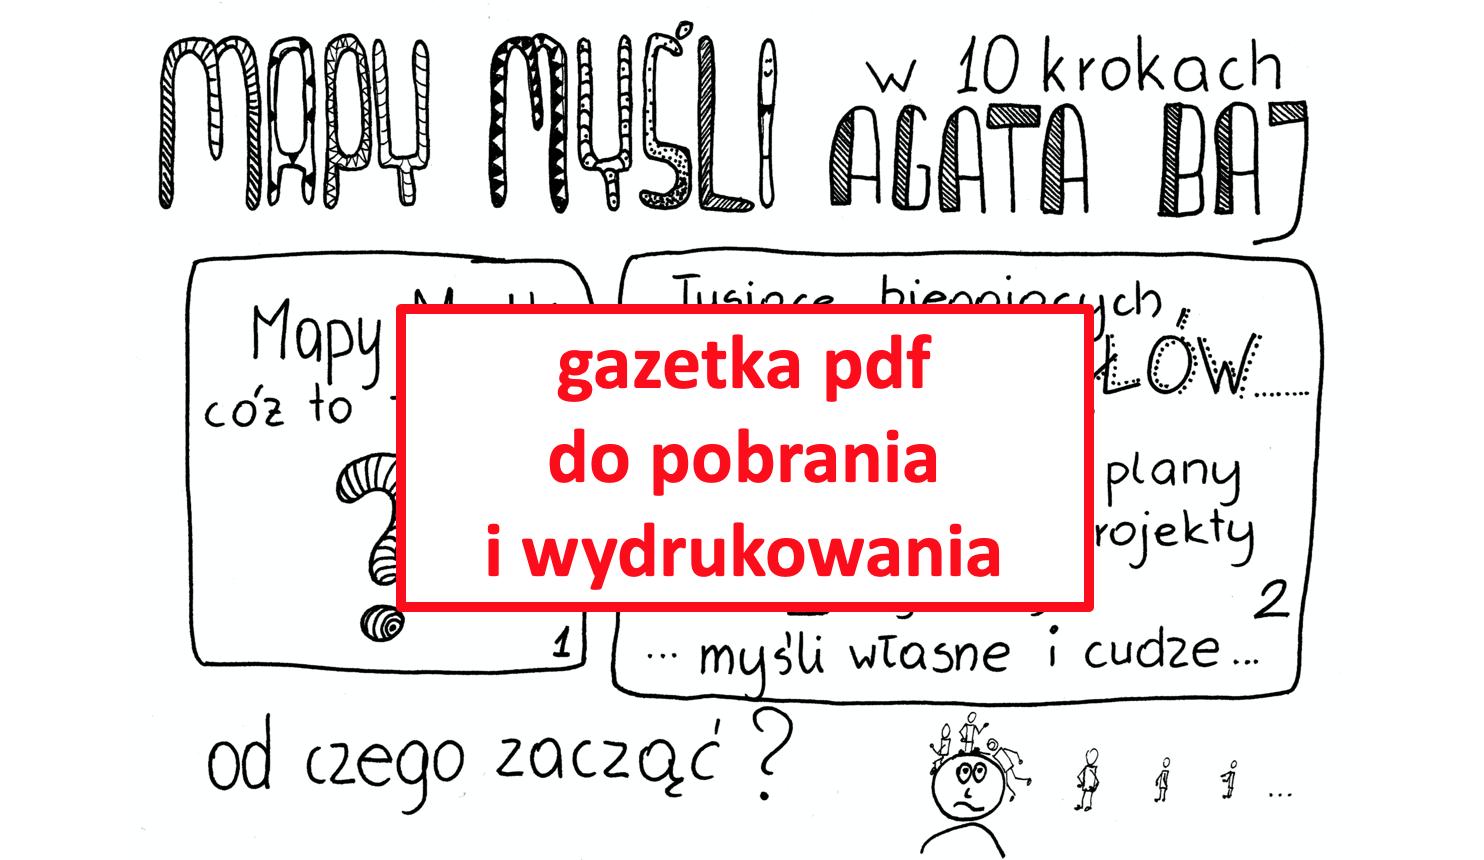 Mapy Myśli w 10 krokach (pdf do pobrania)